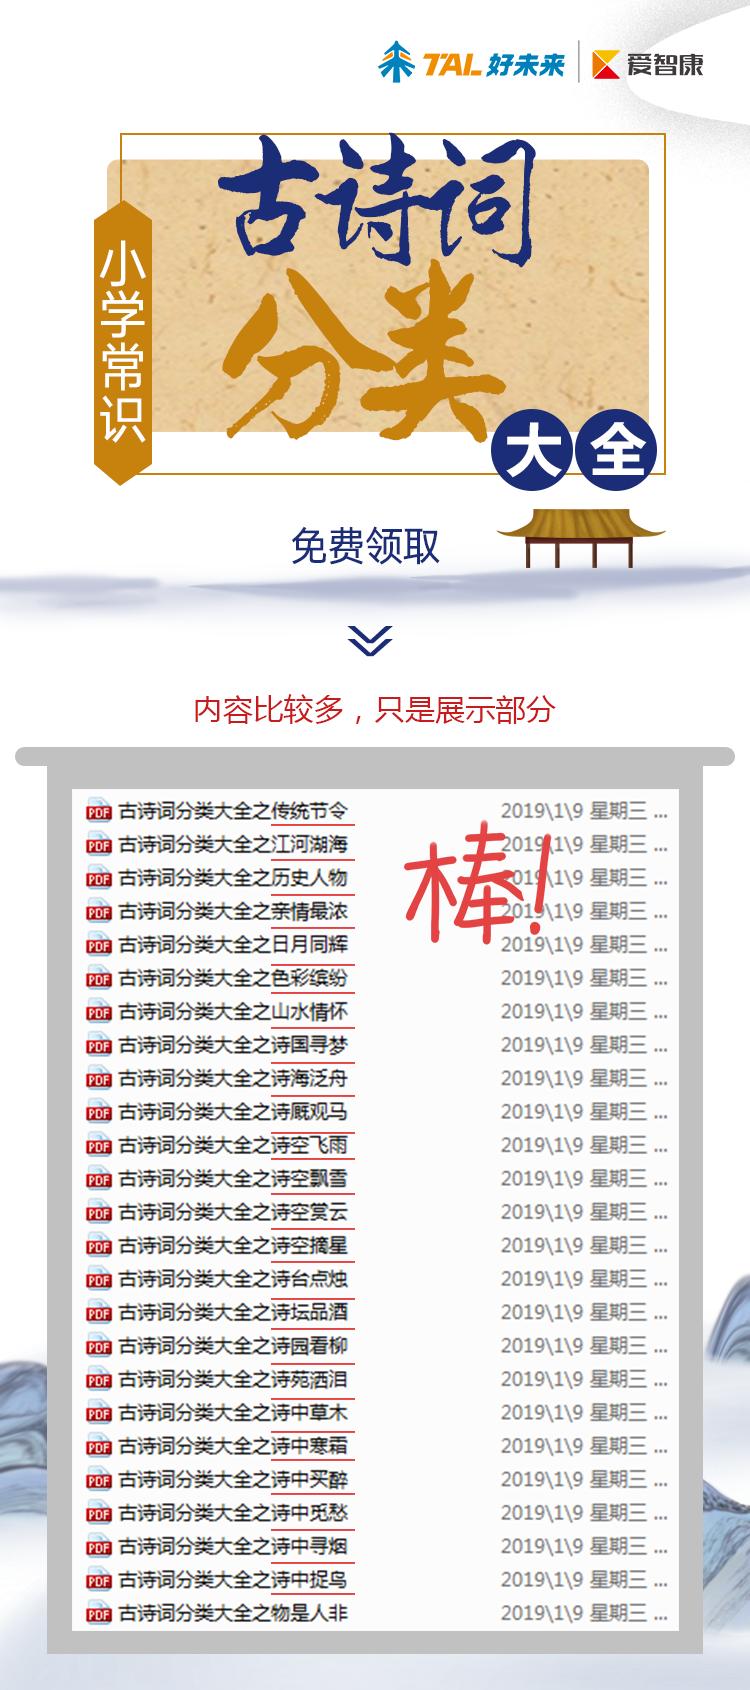 文常页面图.png